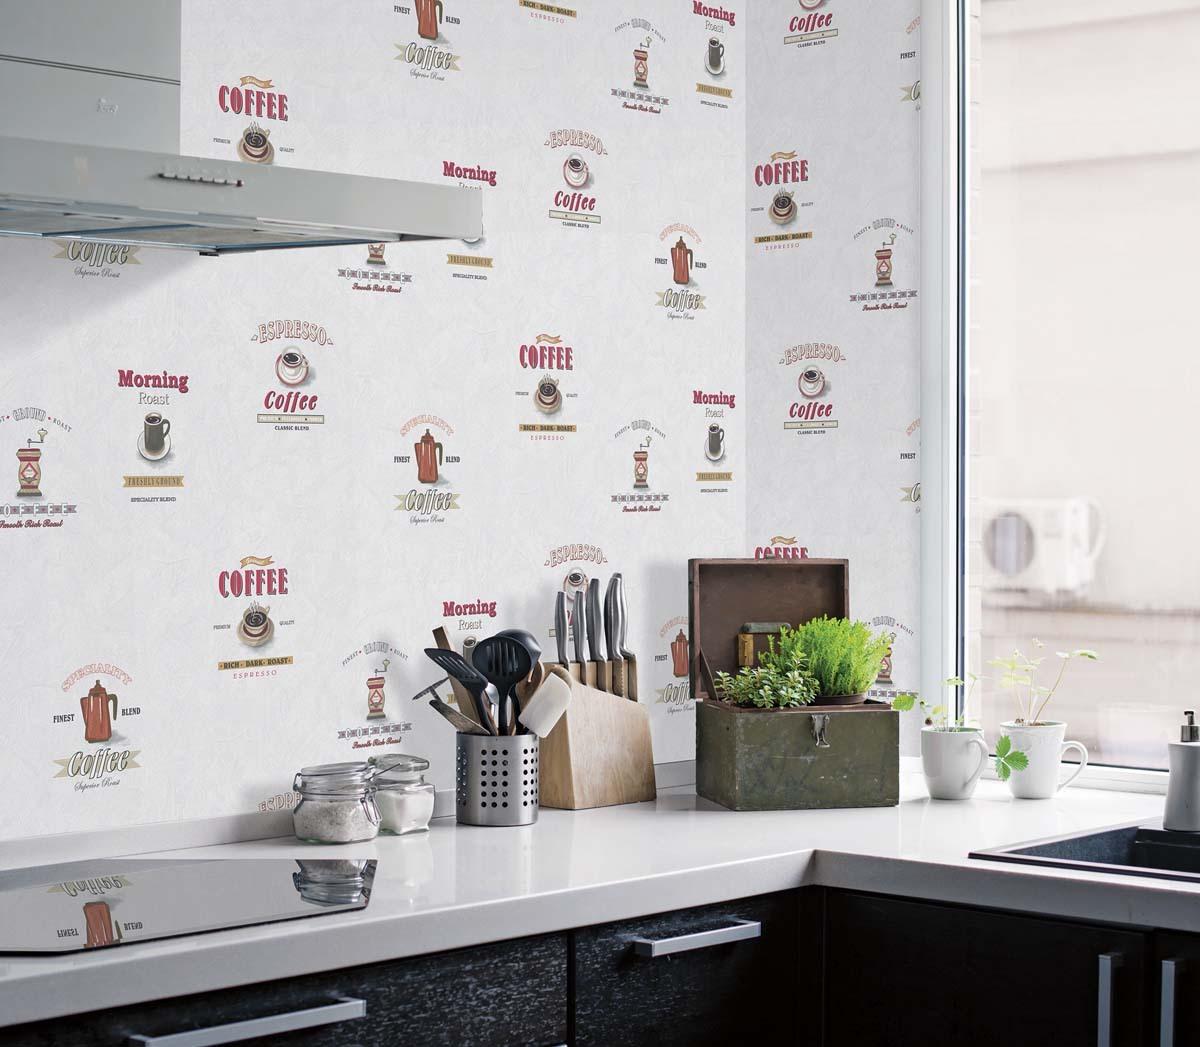 Full Size of Kitchen Recipes Kollektion Essener Tapeten Gratisversand Wohnzimmer Küchentapeten